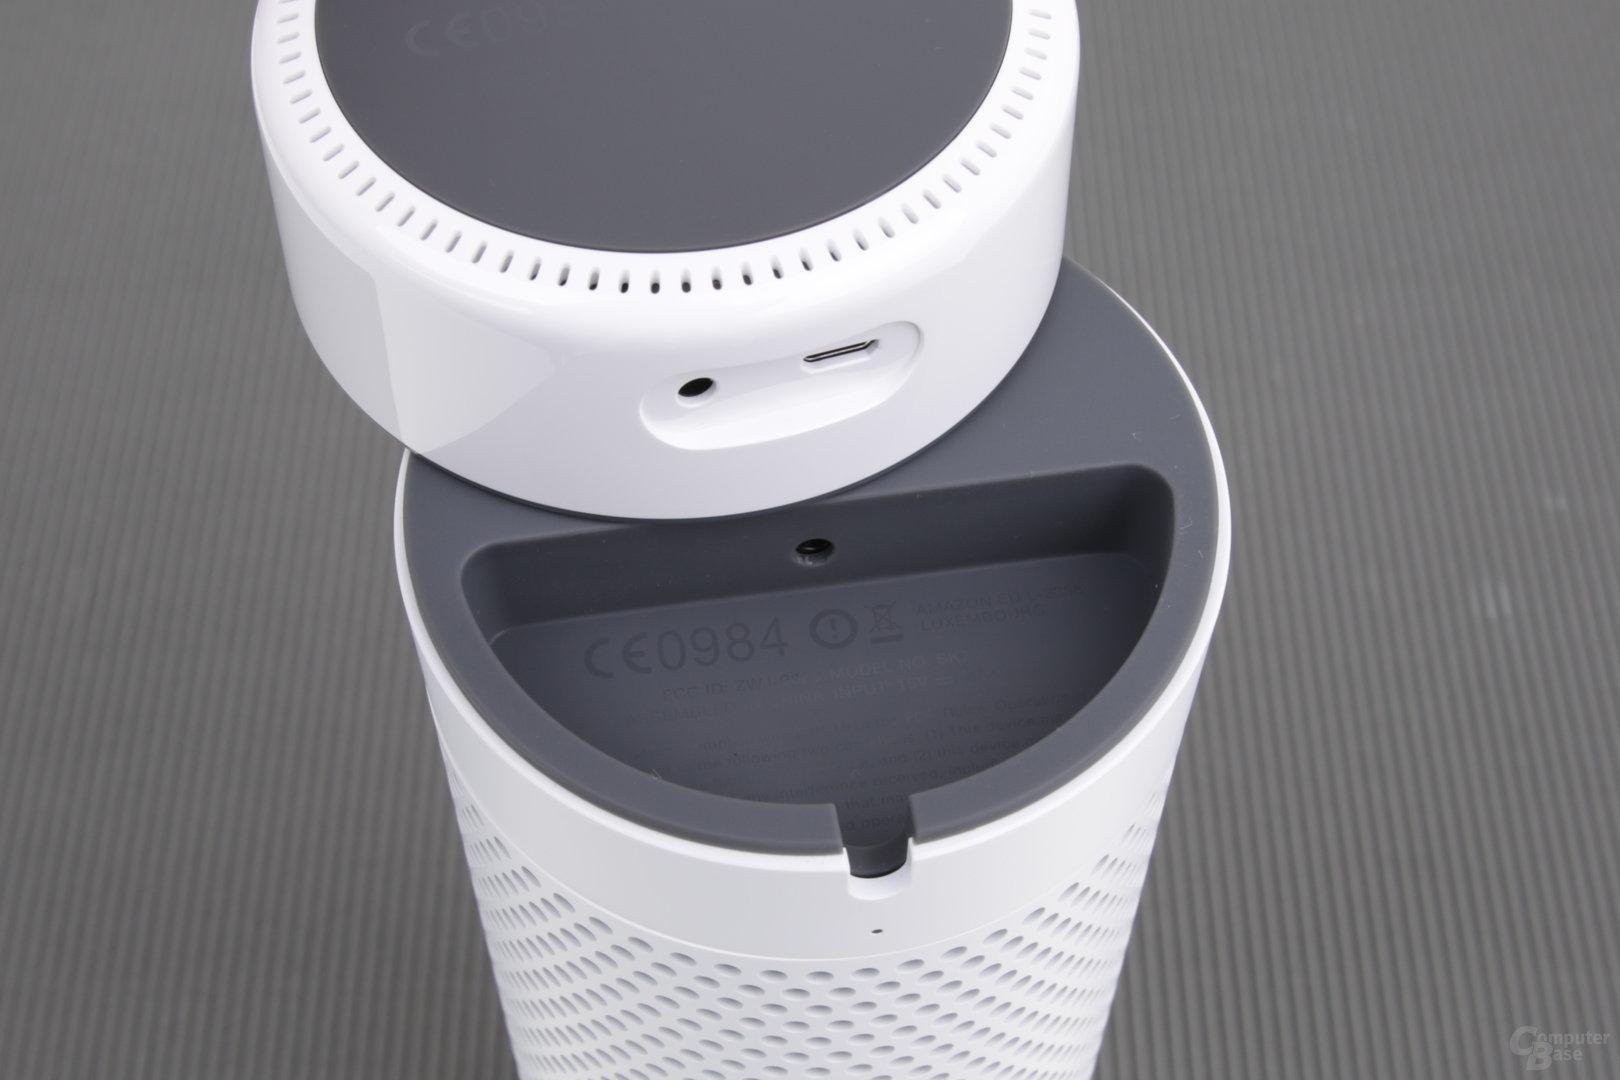 USB und Klinke für den Echo Dot